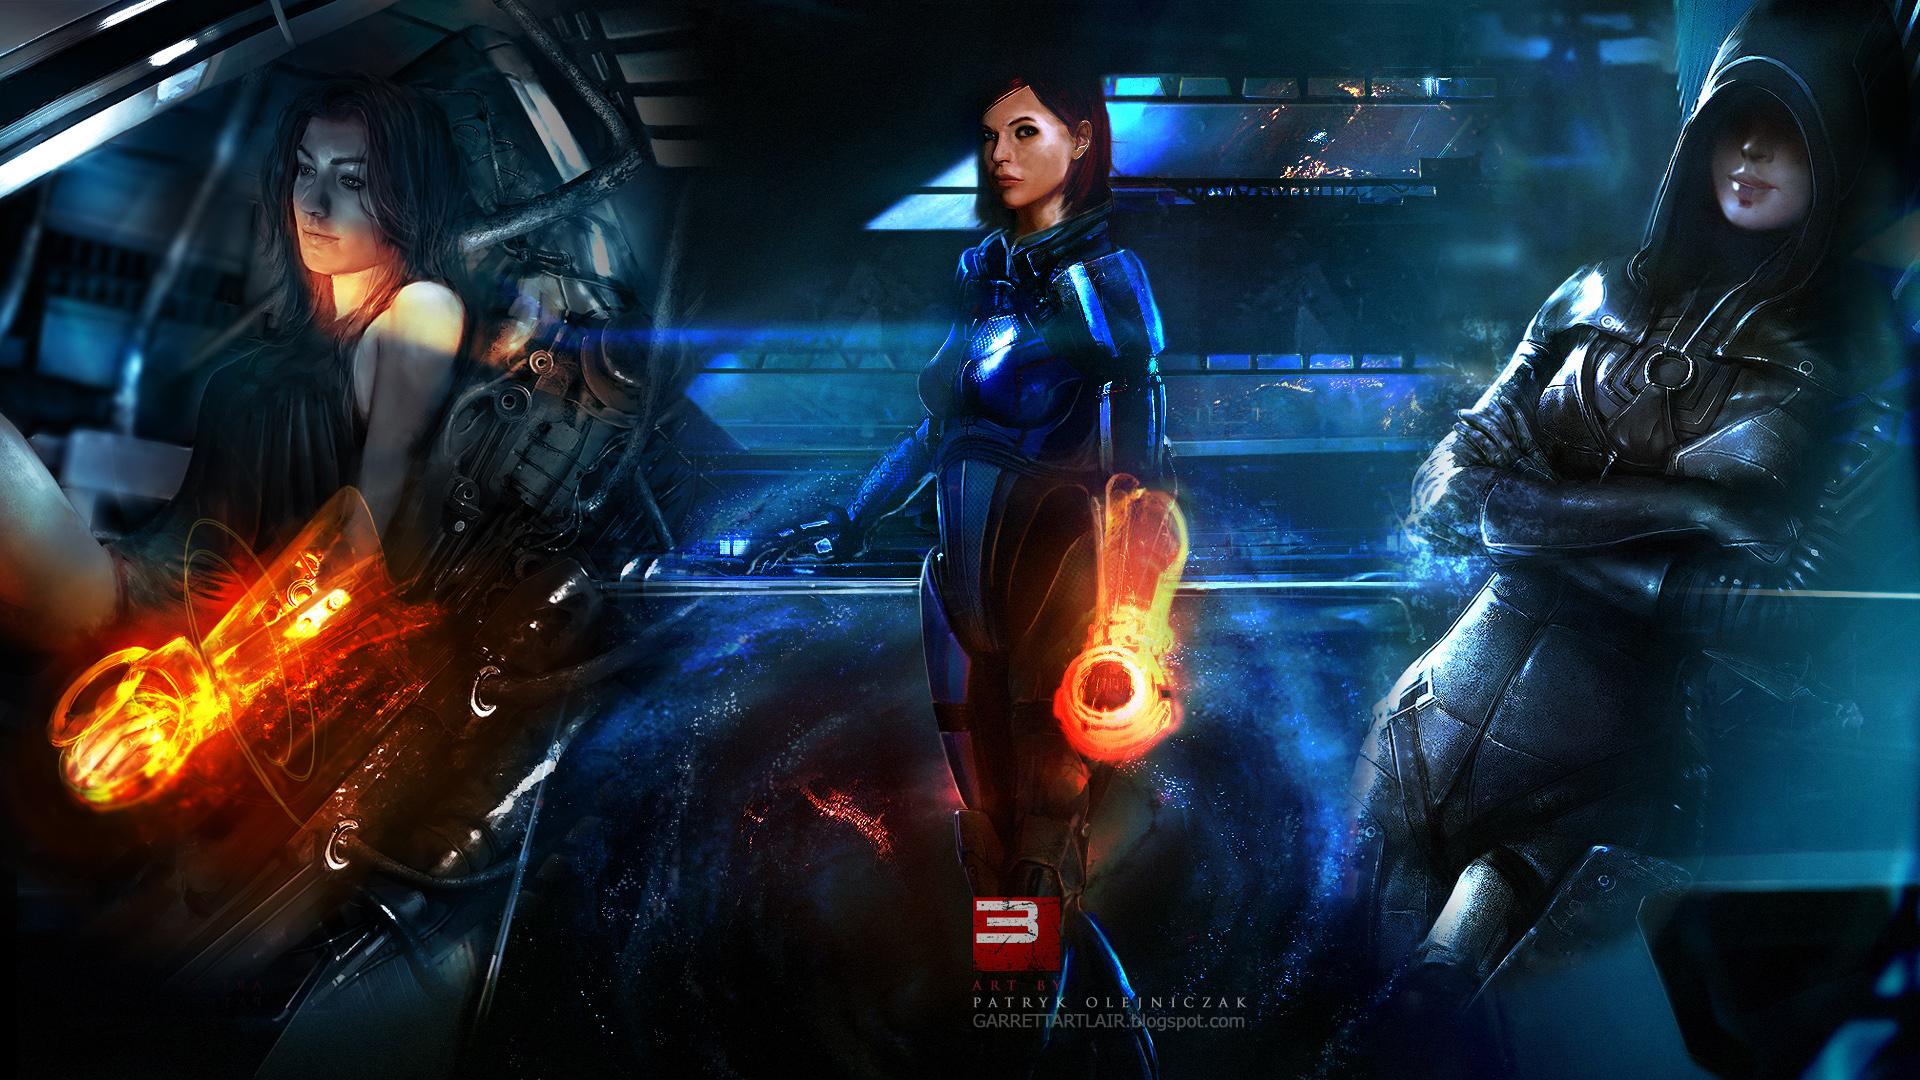 Mass Effect 3 Wallpaper 1 6 1920x1080